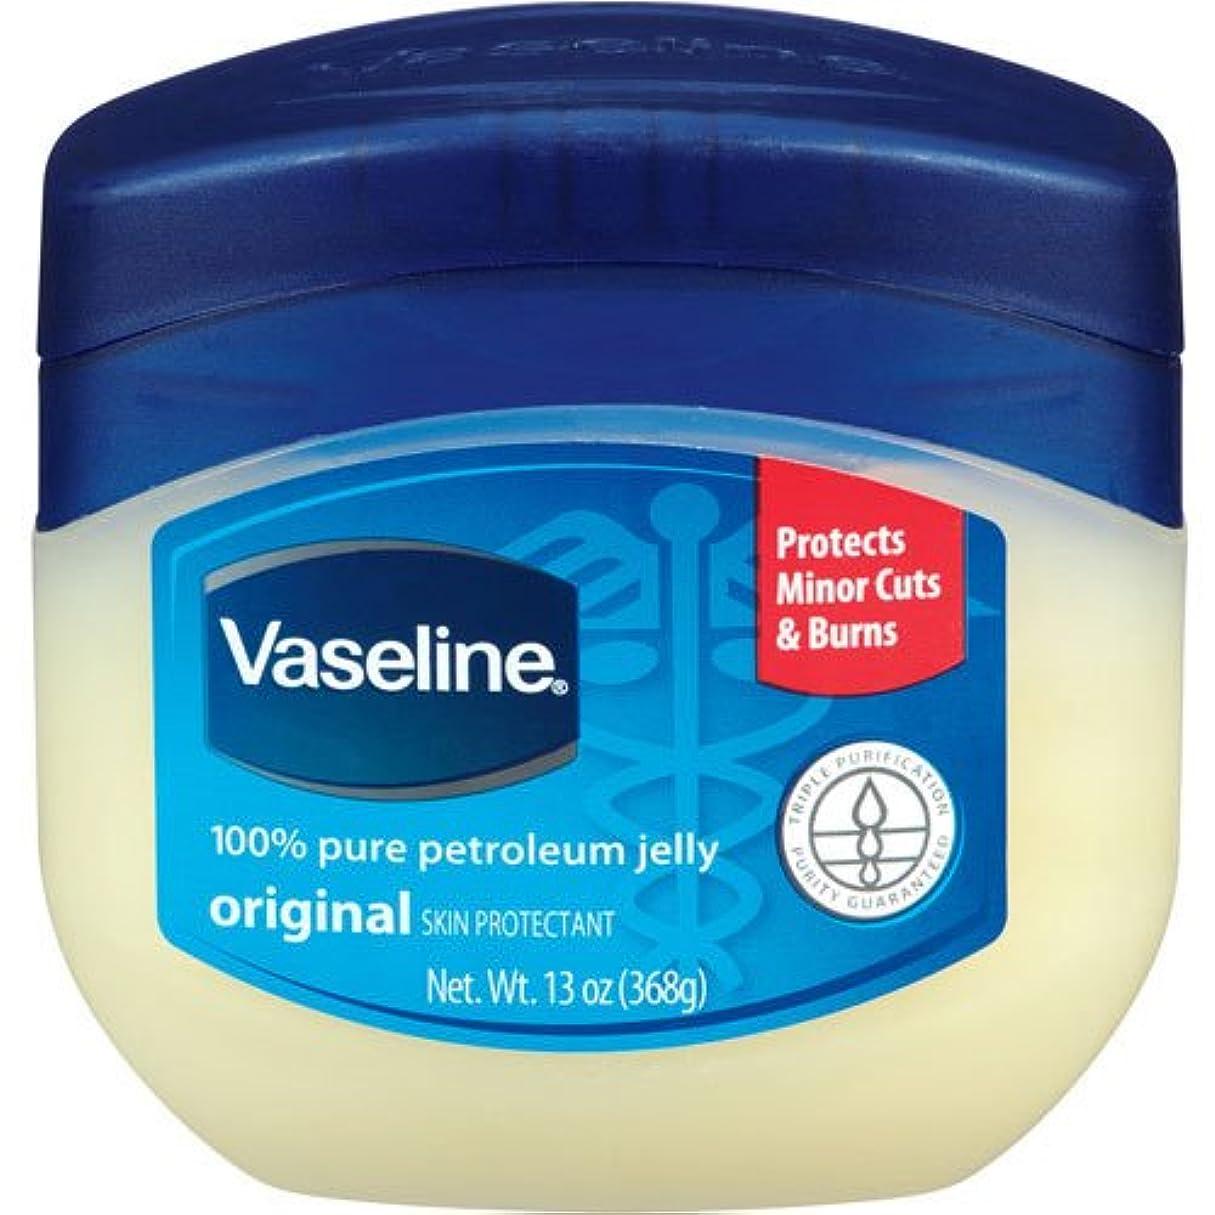 ブランド退化する恥ずかしいヴァセリン [Vaseline]ペトロリュームジェリージャータイプ[保湿クリーム]368g[並行輸入品]